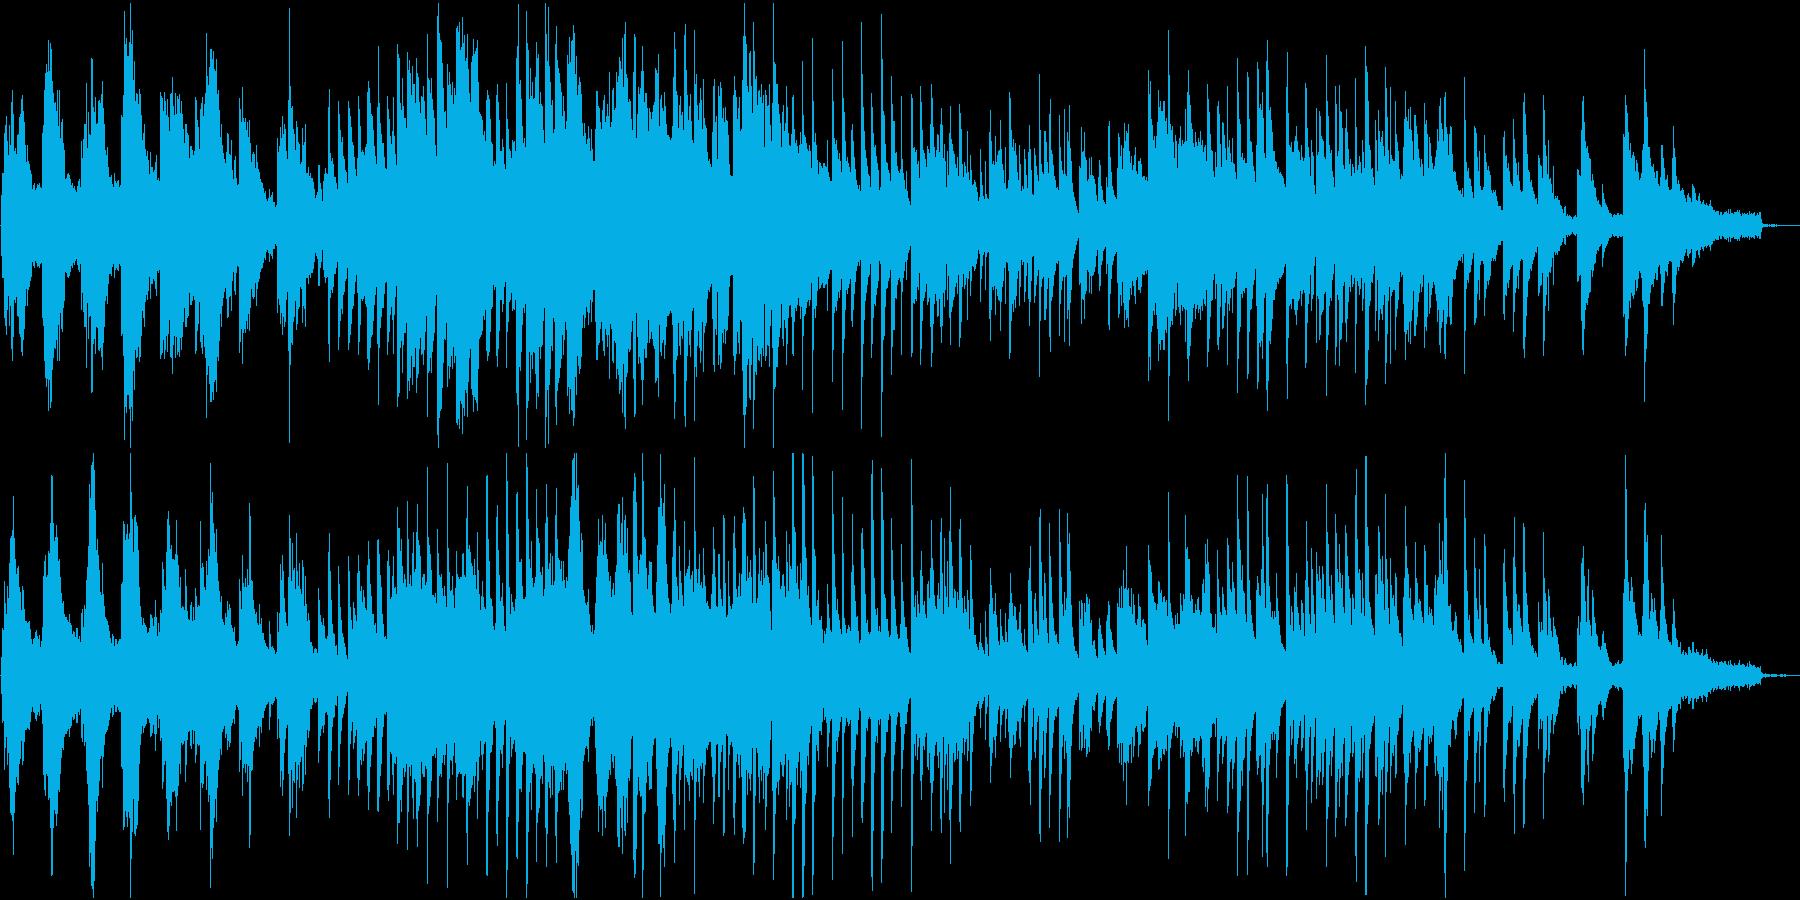 透明感のある静かで自由な感じのピアノソロの再生済みの波形